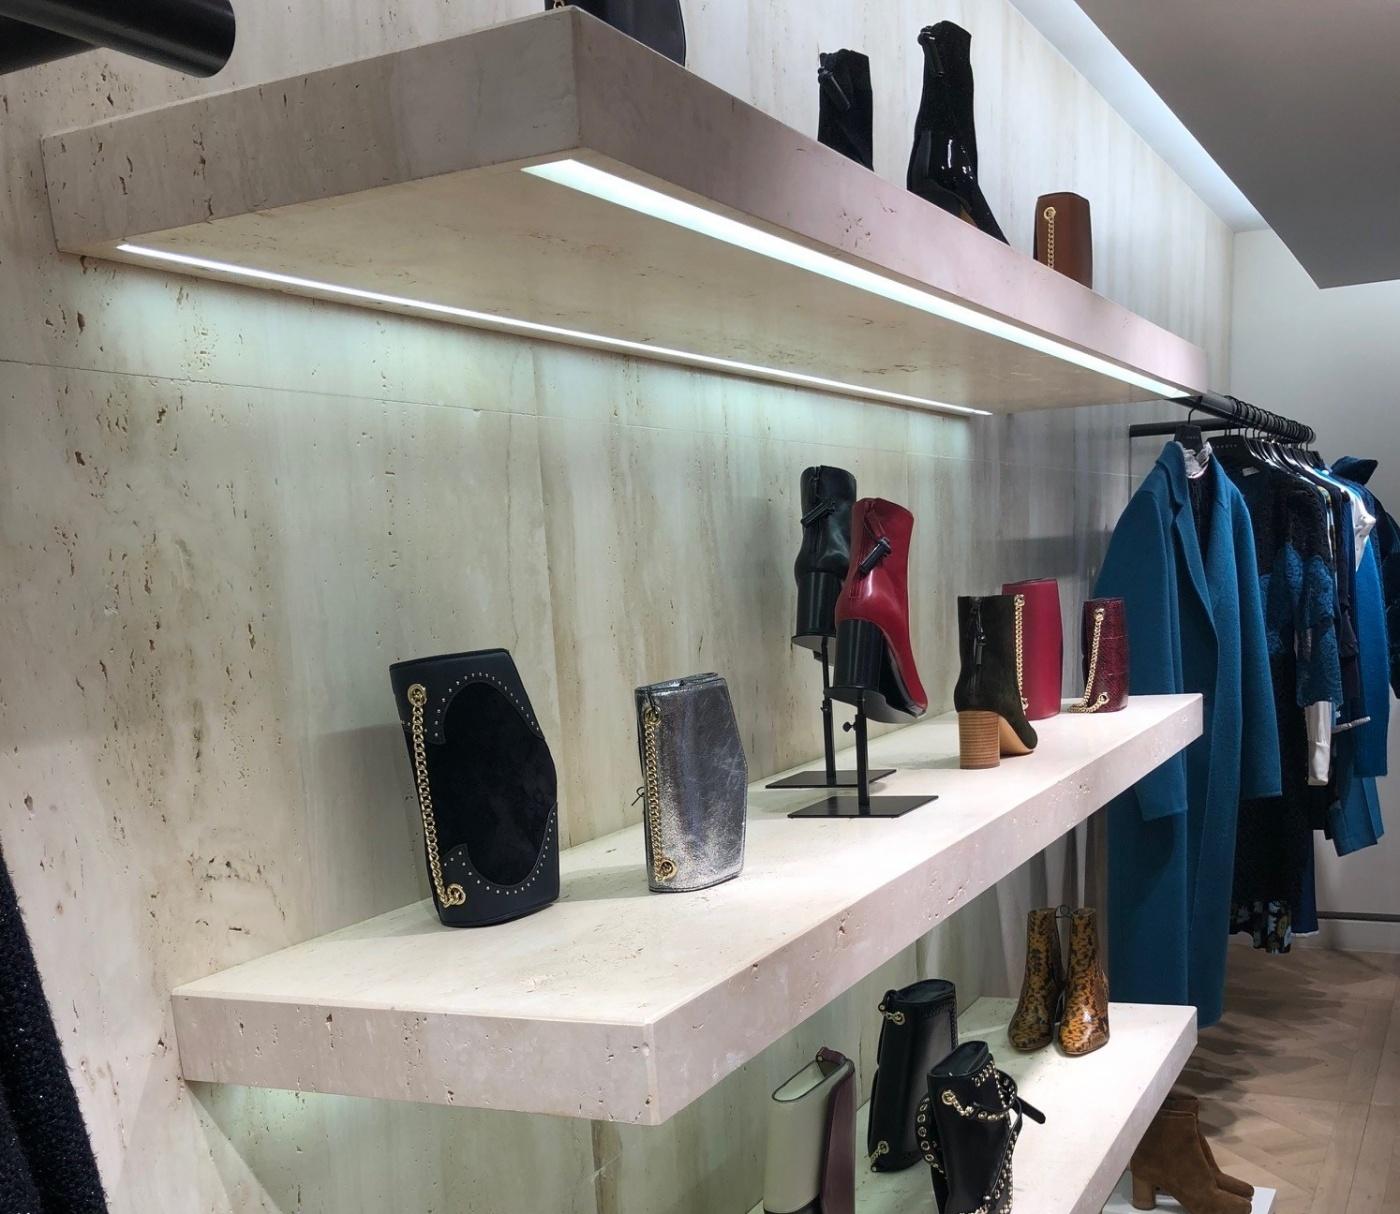 Fabrication étagères en marbre avec éclairage par rubans led. Fourniture façonnage et pose pour les Magasins Sandro (Groupe SMCP). Chantier Regent Street London Uk